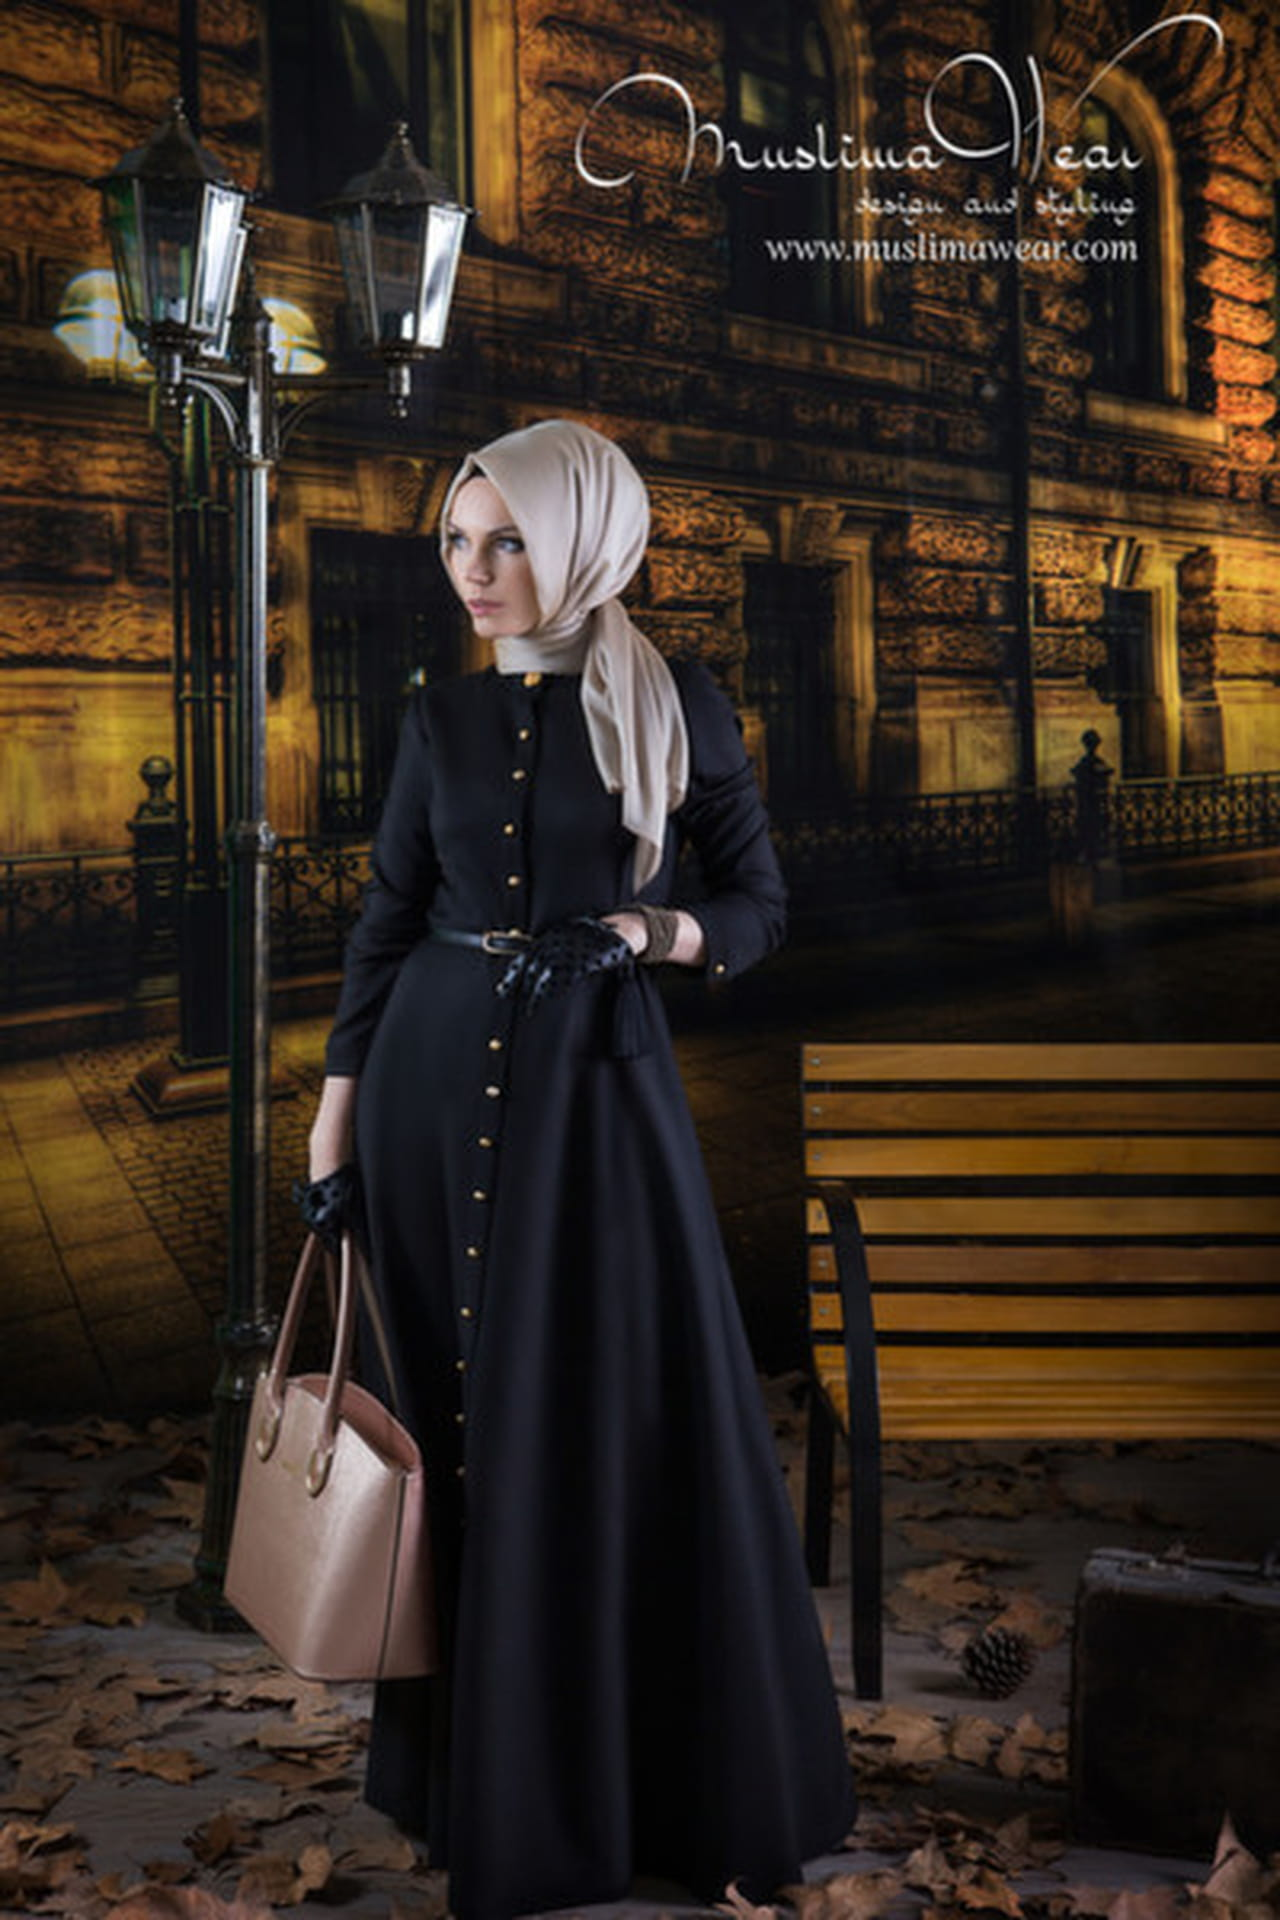 أفضل 10 إطلالات من أزياء Muslima Wear التركية  814317